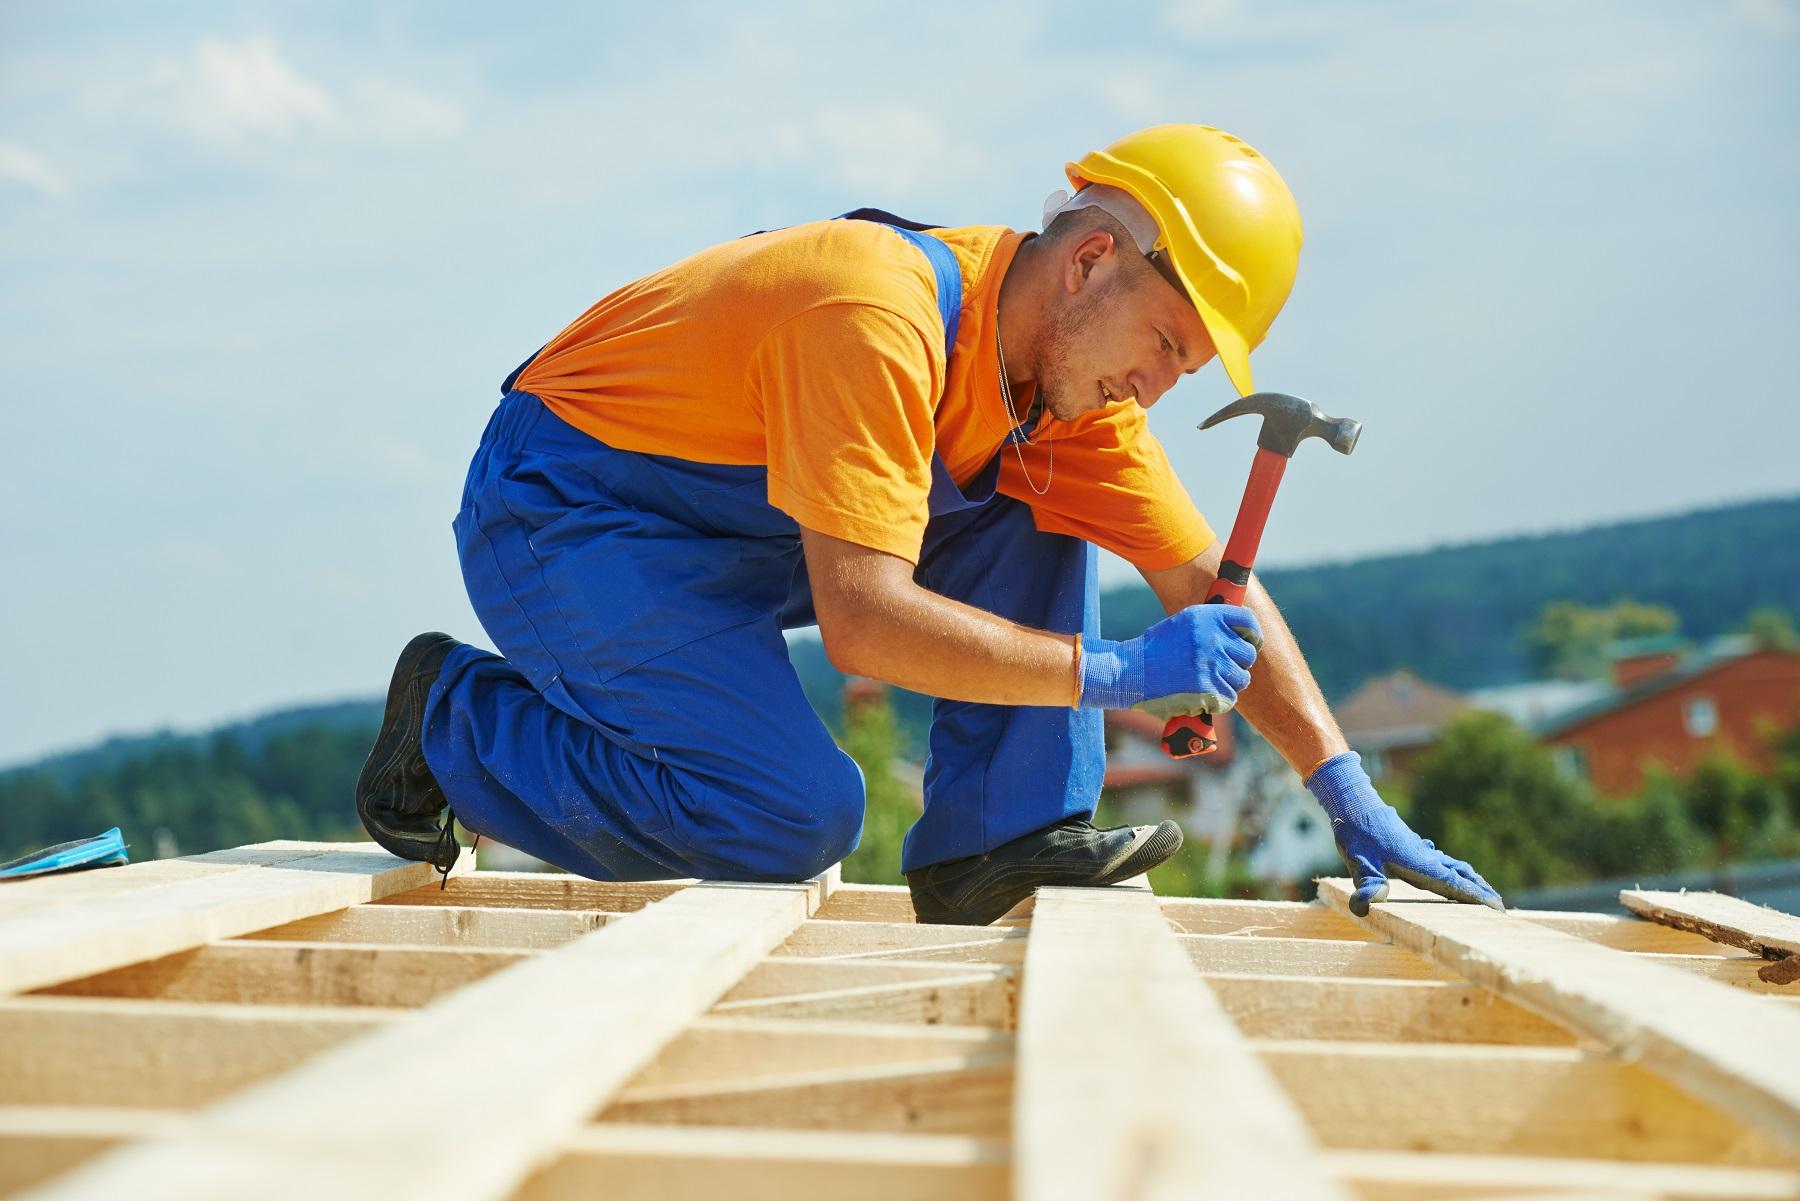 Construction couvreur ouvrier charpentier clouer planche de bois avec un marteau sur les travaux d'installation sur le toit